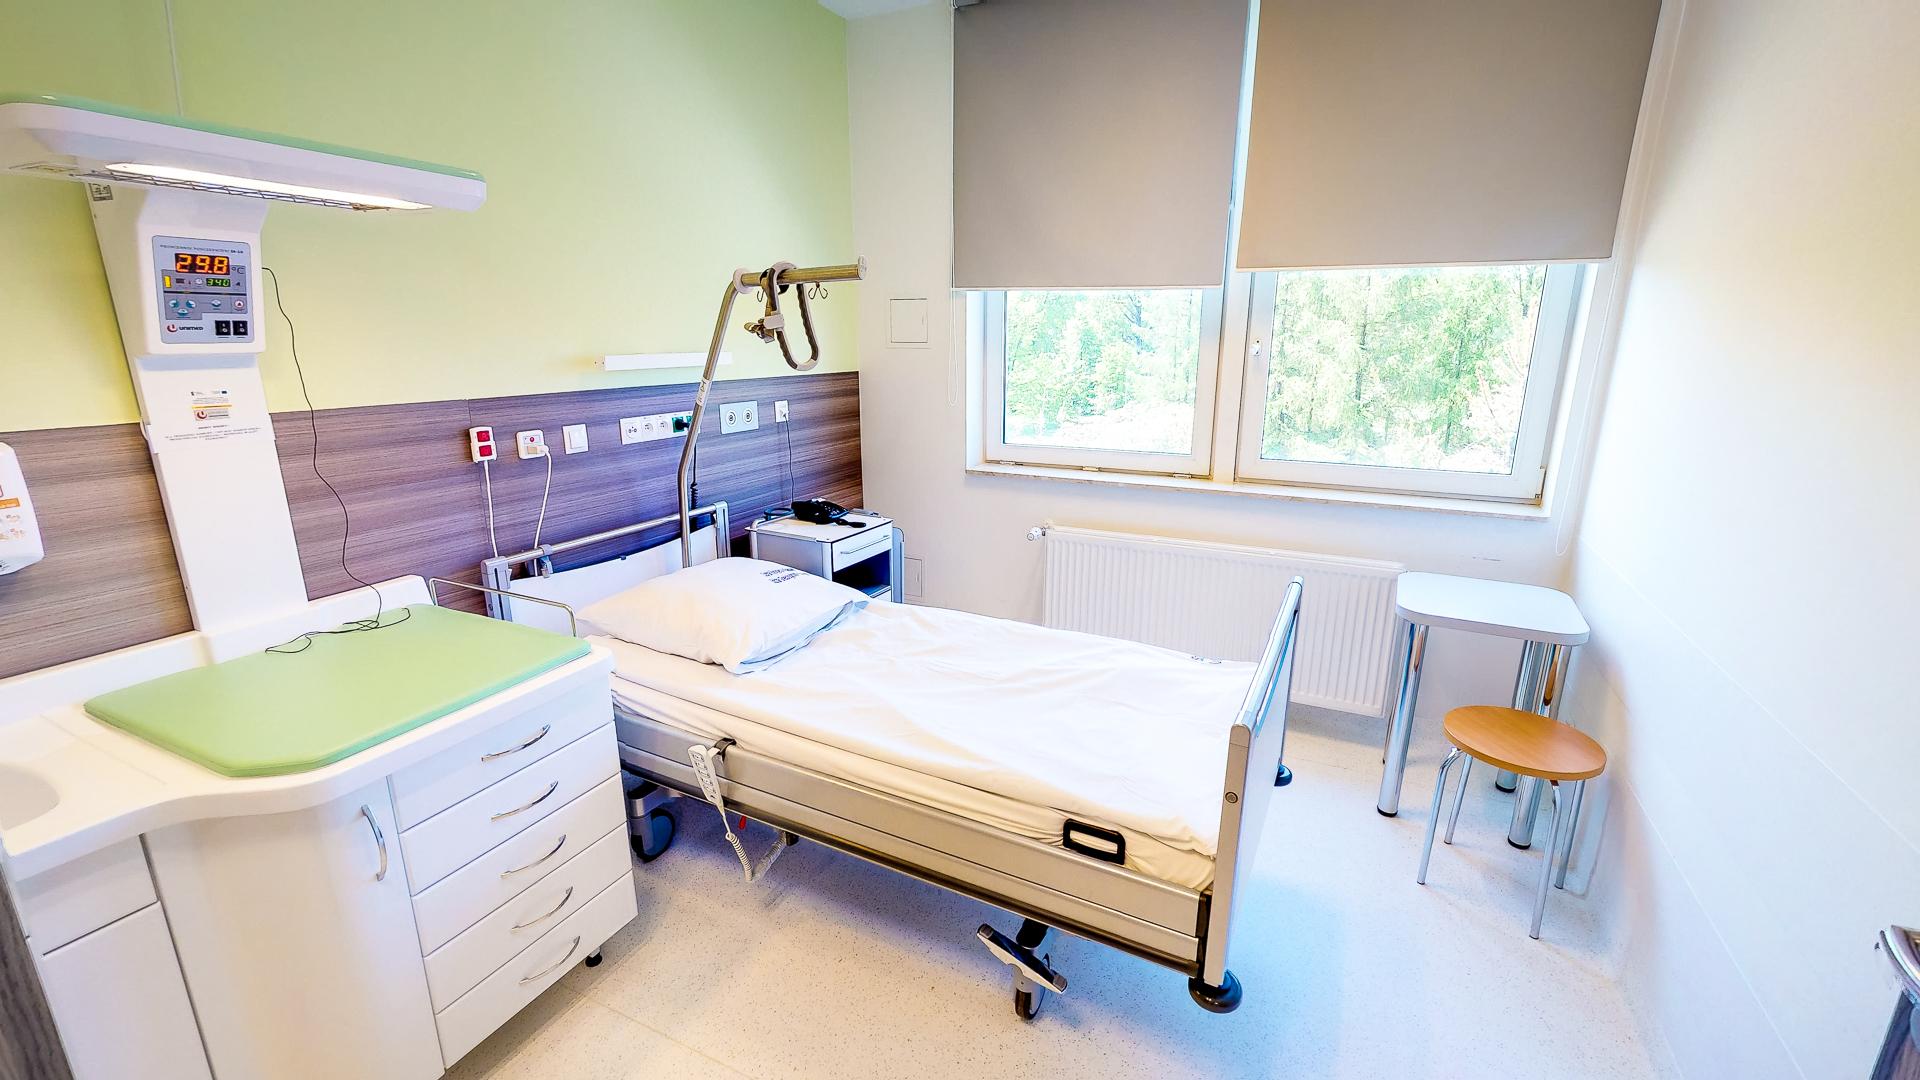 wirtualny spacer sala w szpitalu